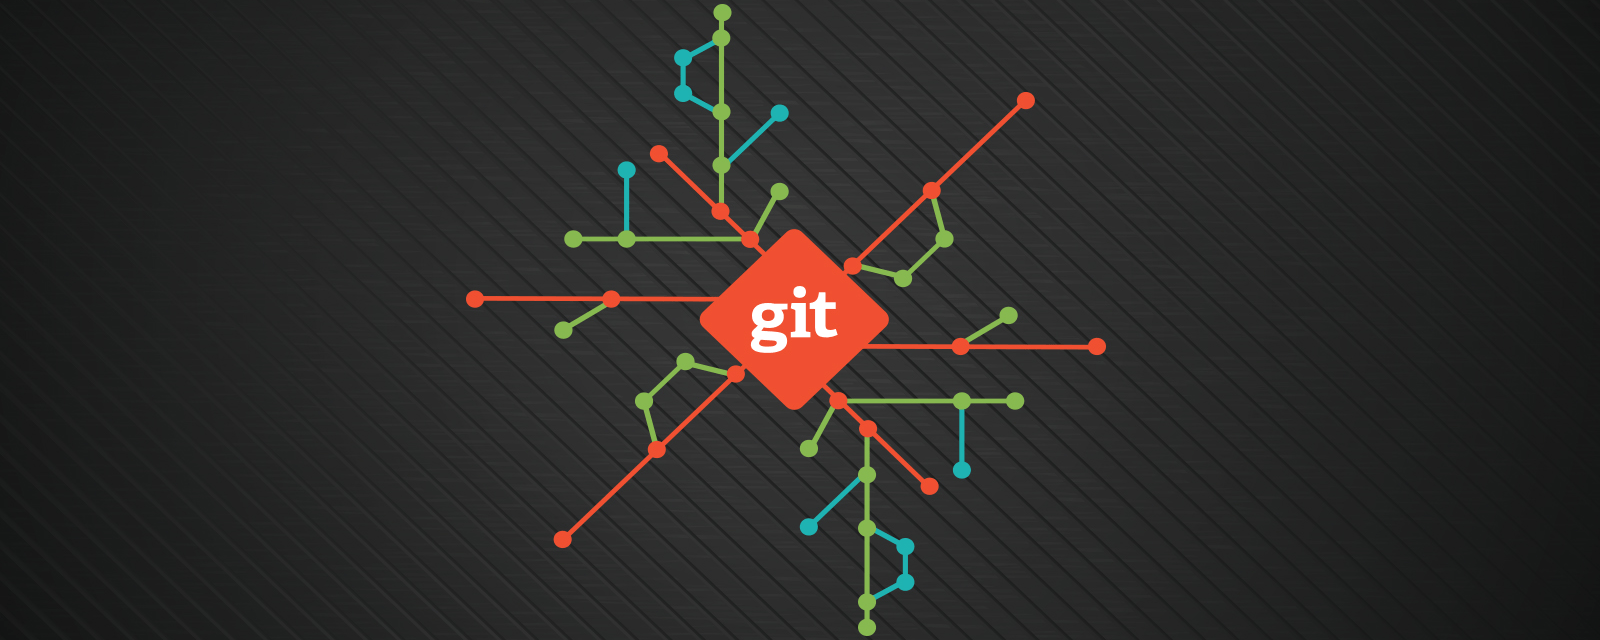 git中常用的操作命令有哪些?常用操作命令归纳